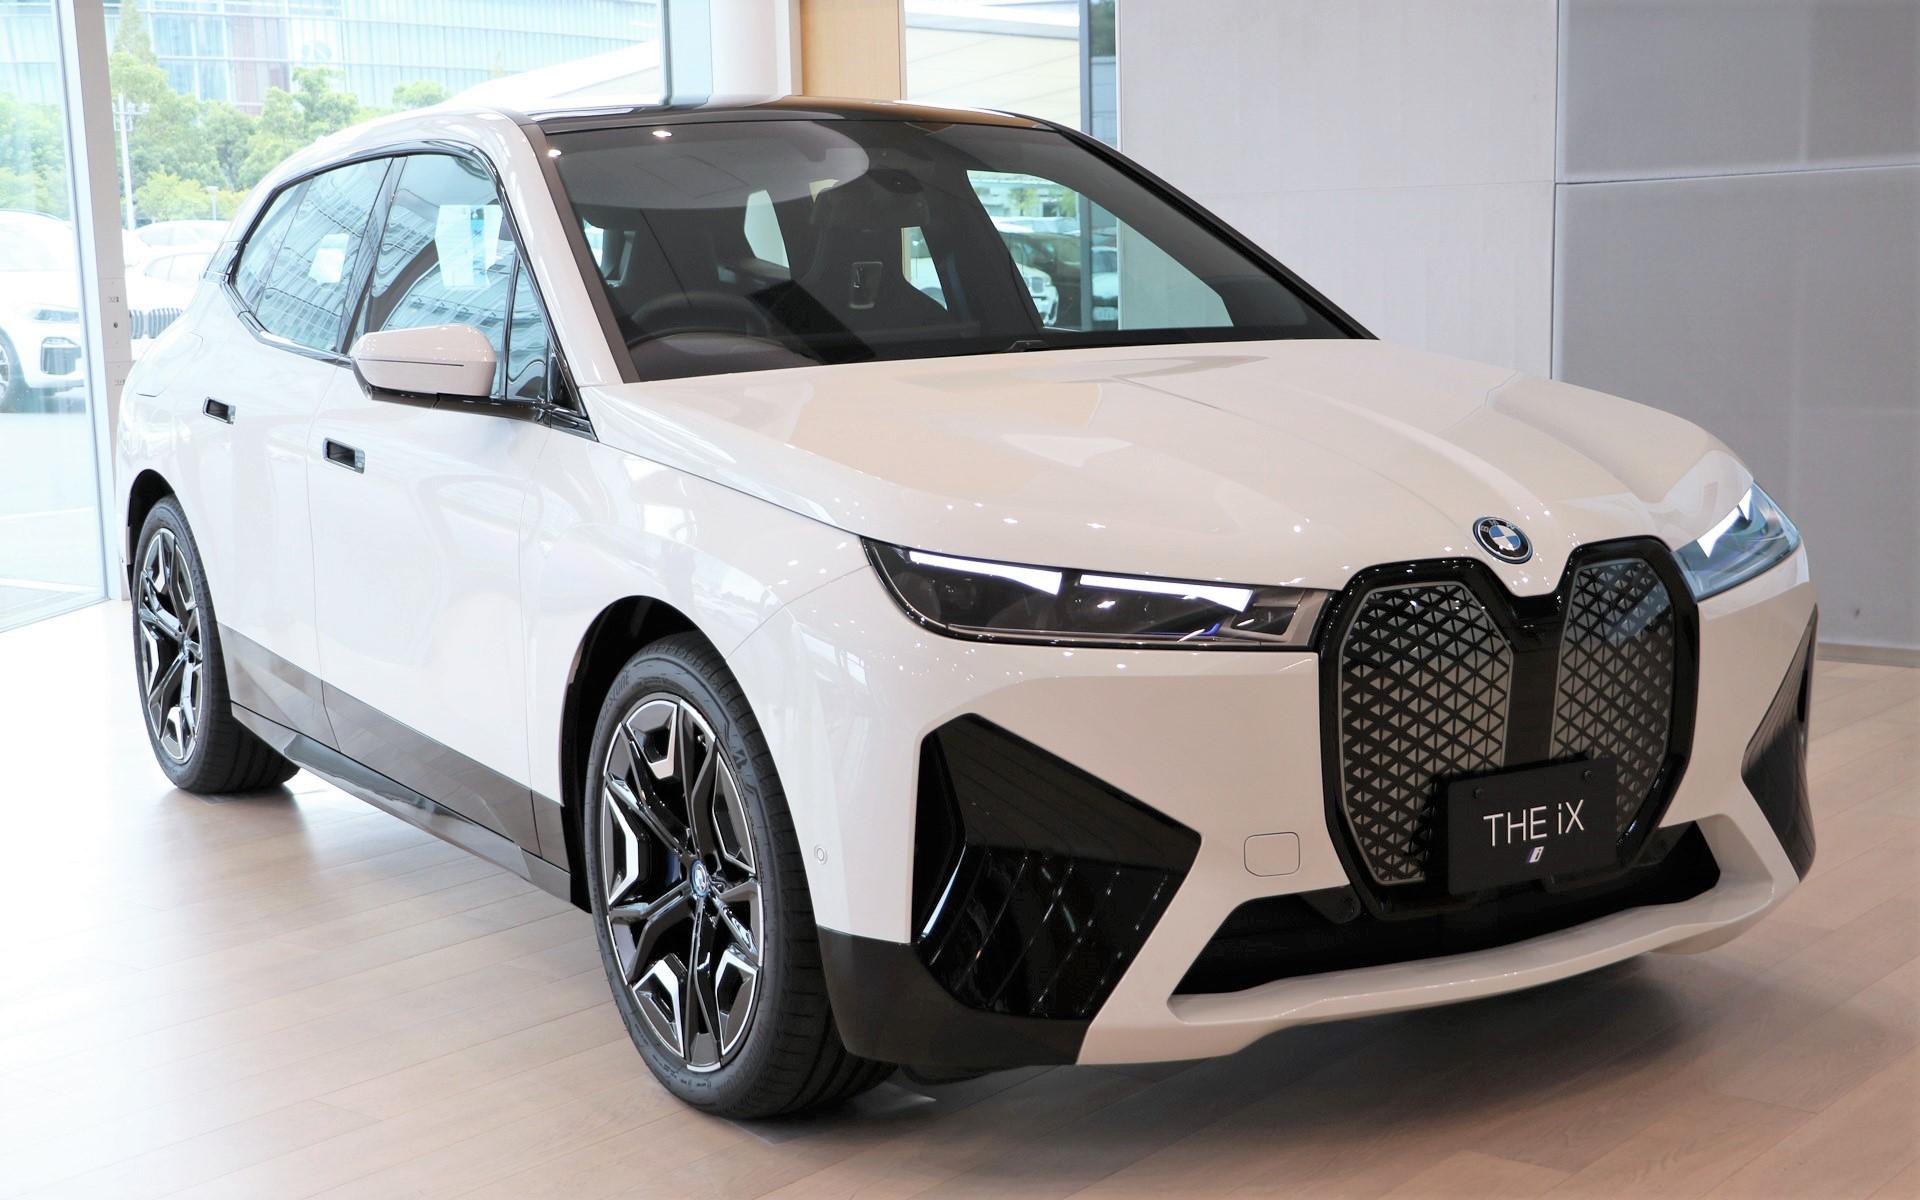 BMWの新型BEV「iX」を先行披露